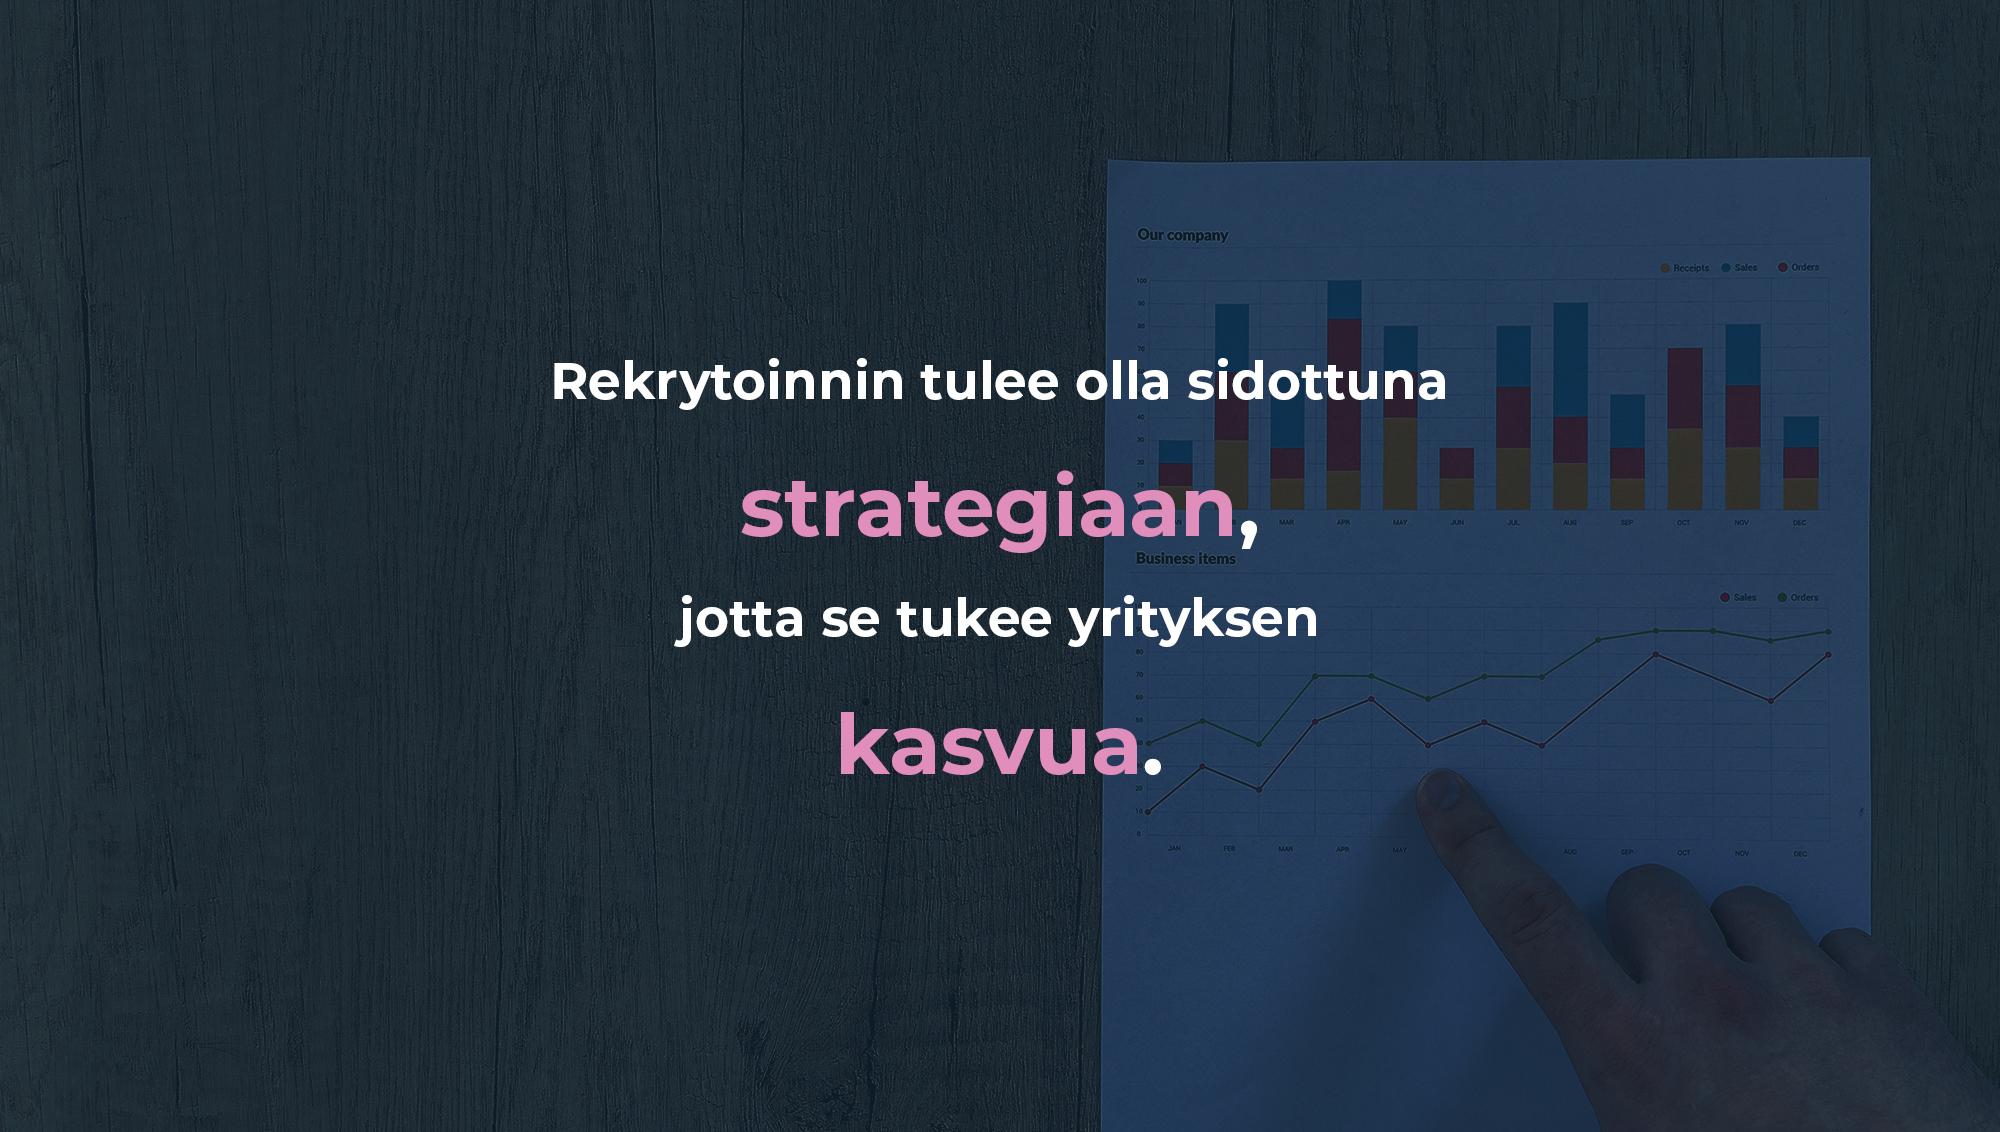 Rekrytoinnin tulee olla strategista